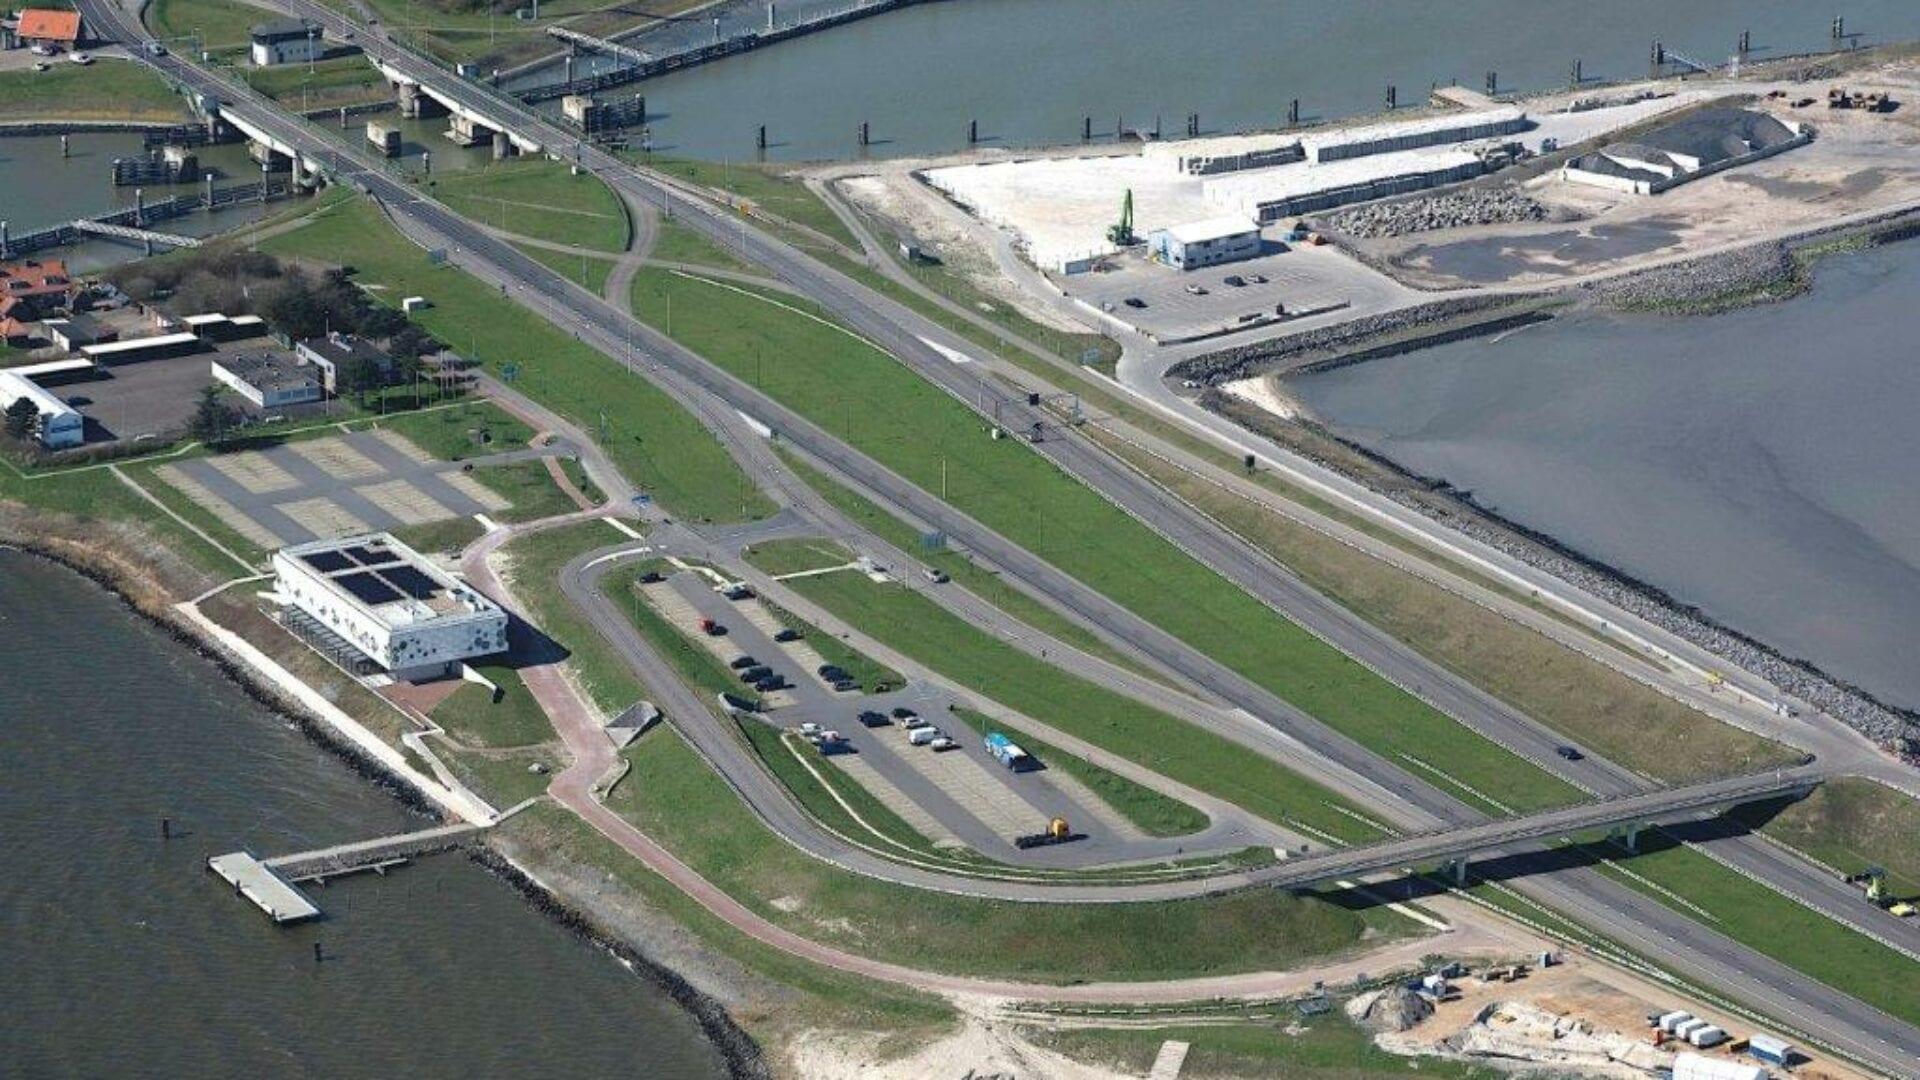 Luchtfoto van het Afsluitdijk Wadden Center. Wij kijken van boven op het museum. Daarnaast zie je de wegen die op de Afsluitdijk zijn. Er loopt ook nog een horizontale weg over de weg. Rechtsboven zie je een werkterrein met zand en stenen.